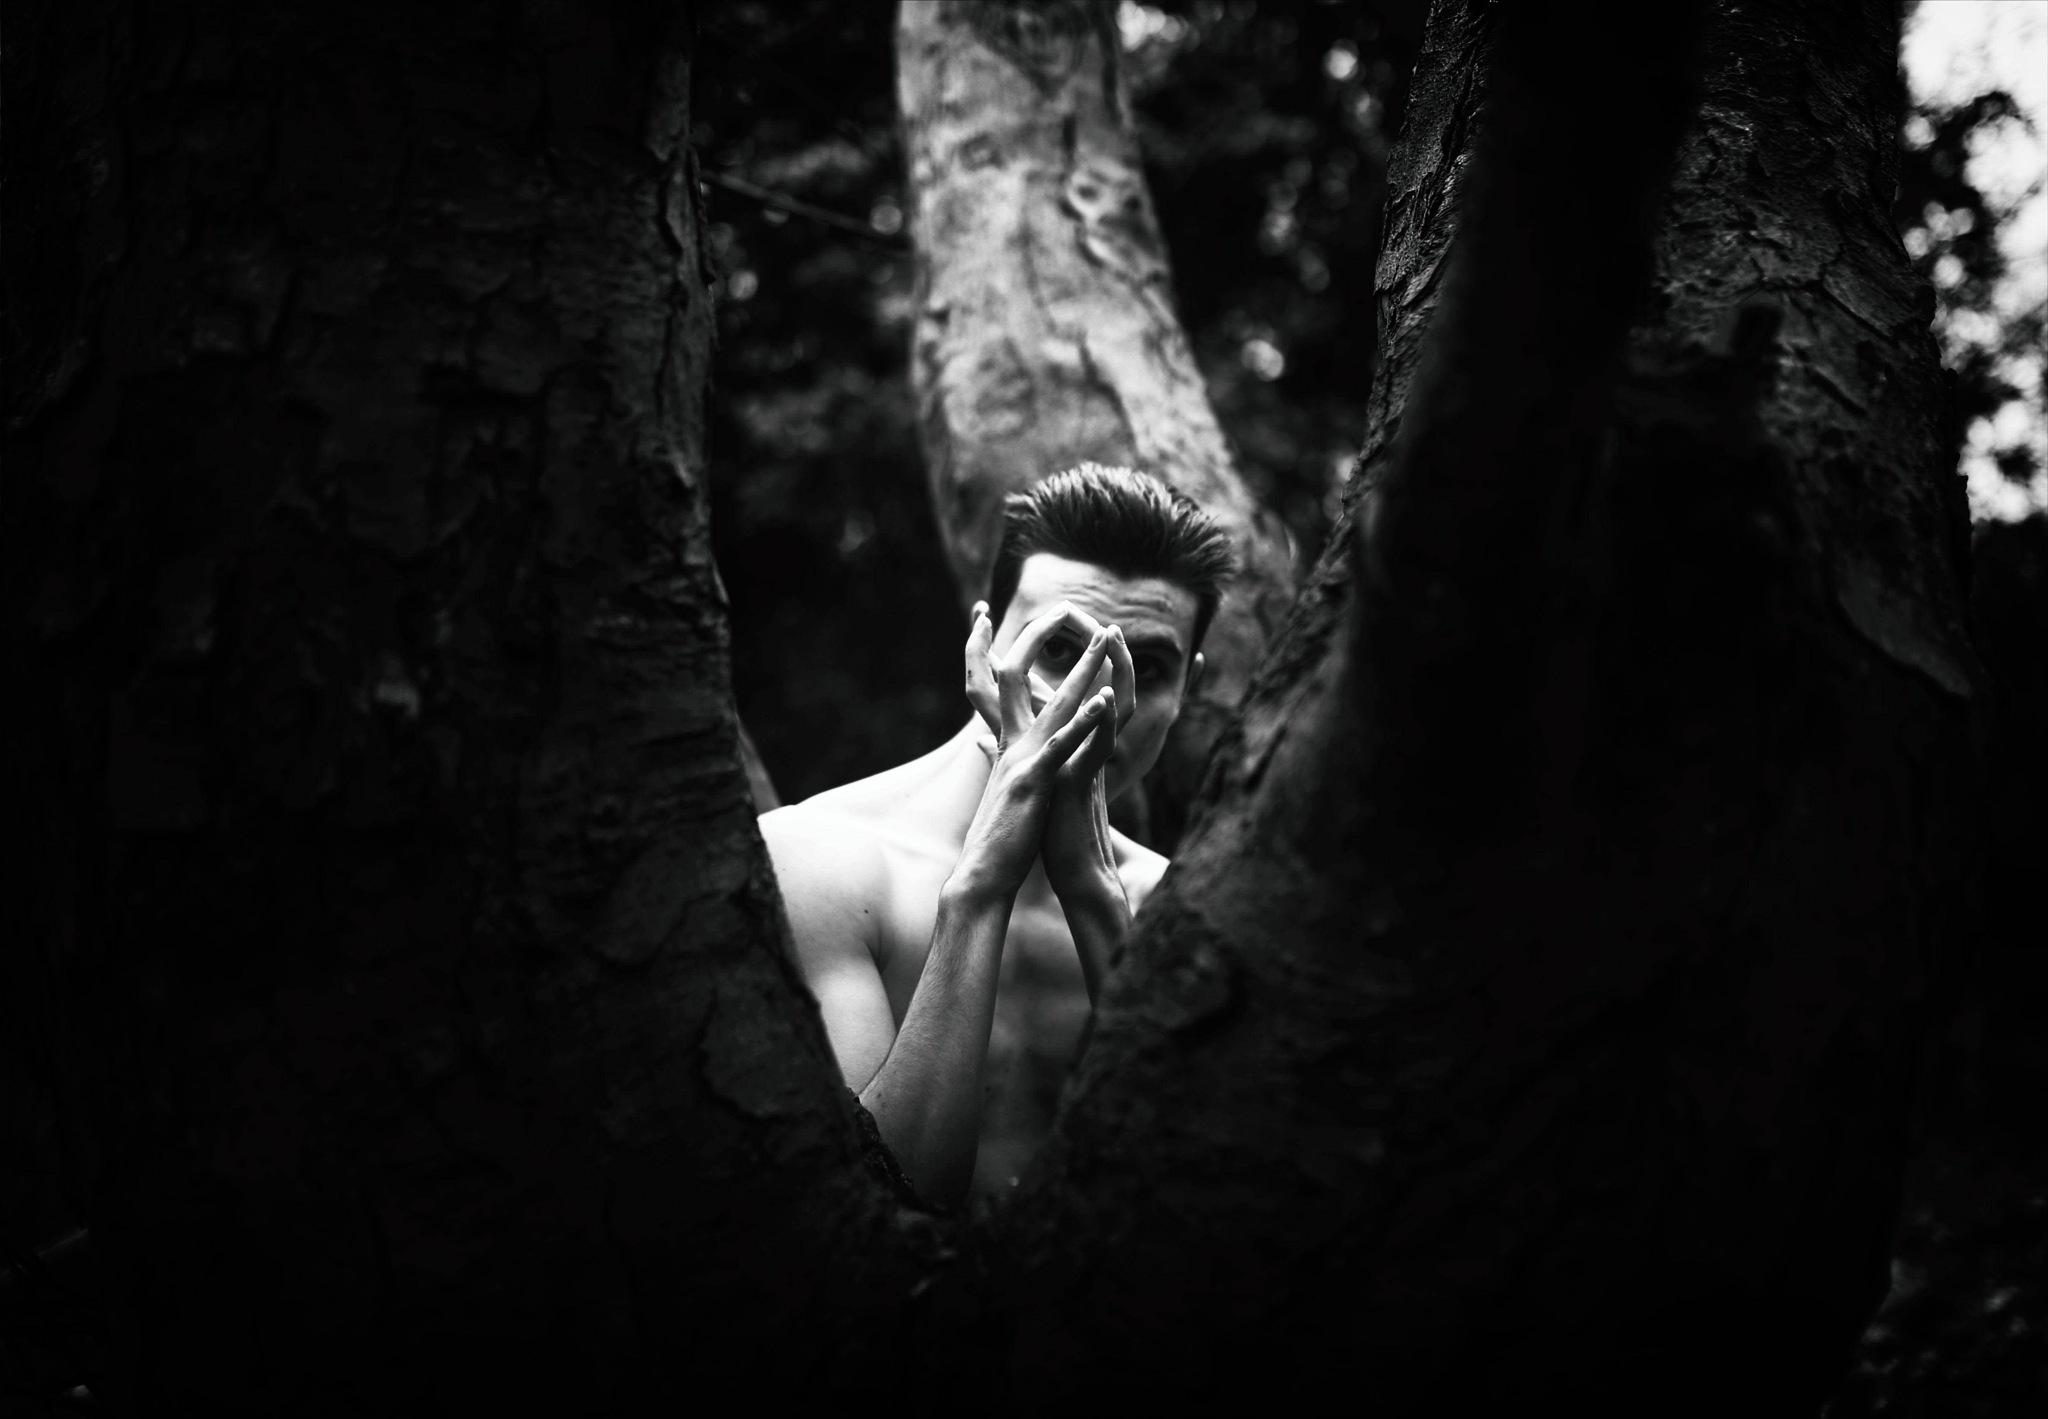 Alone by James Edwards